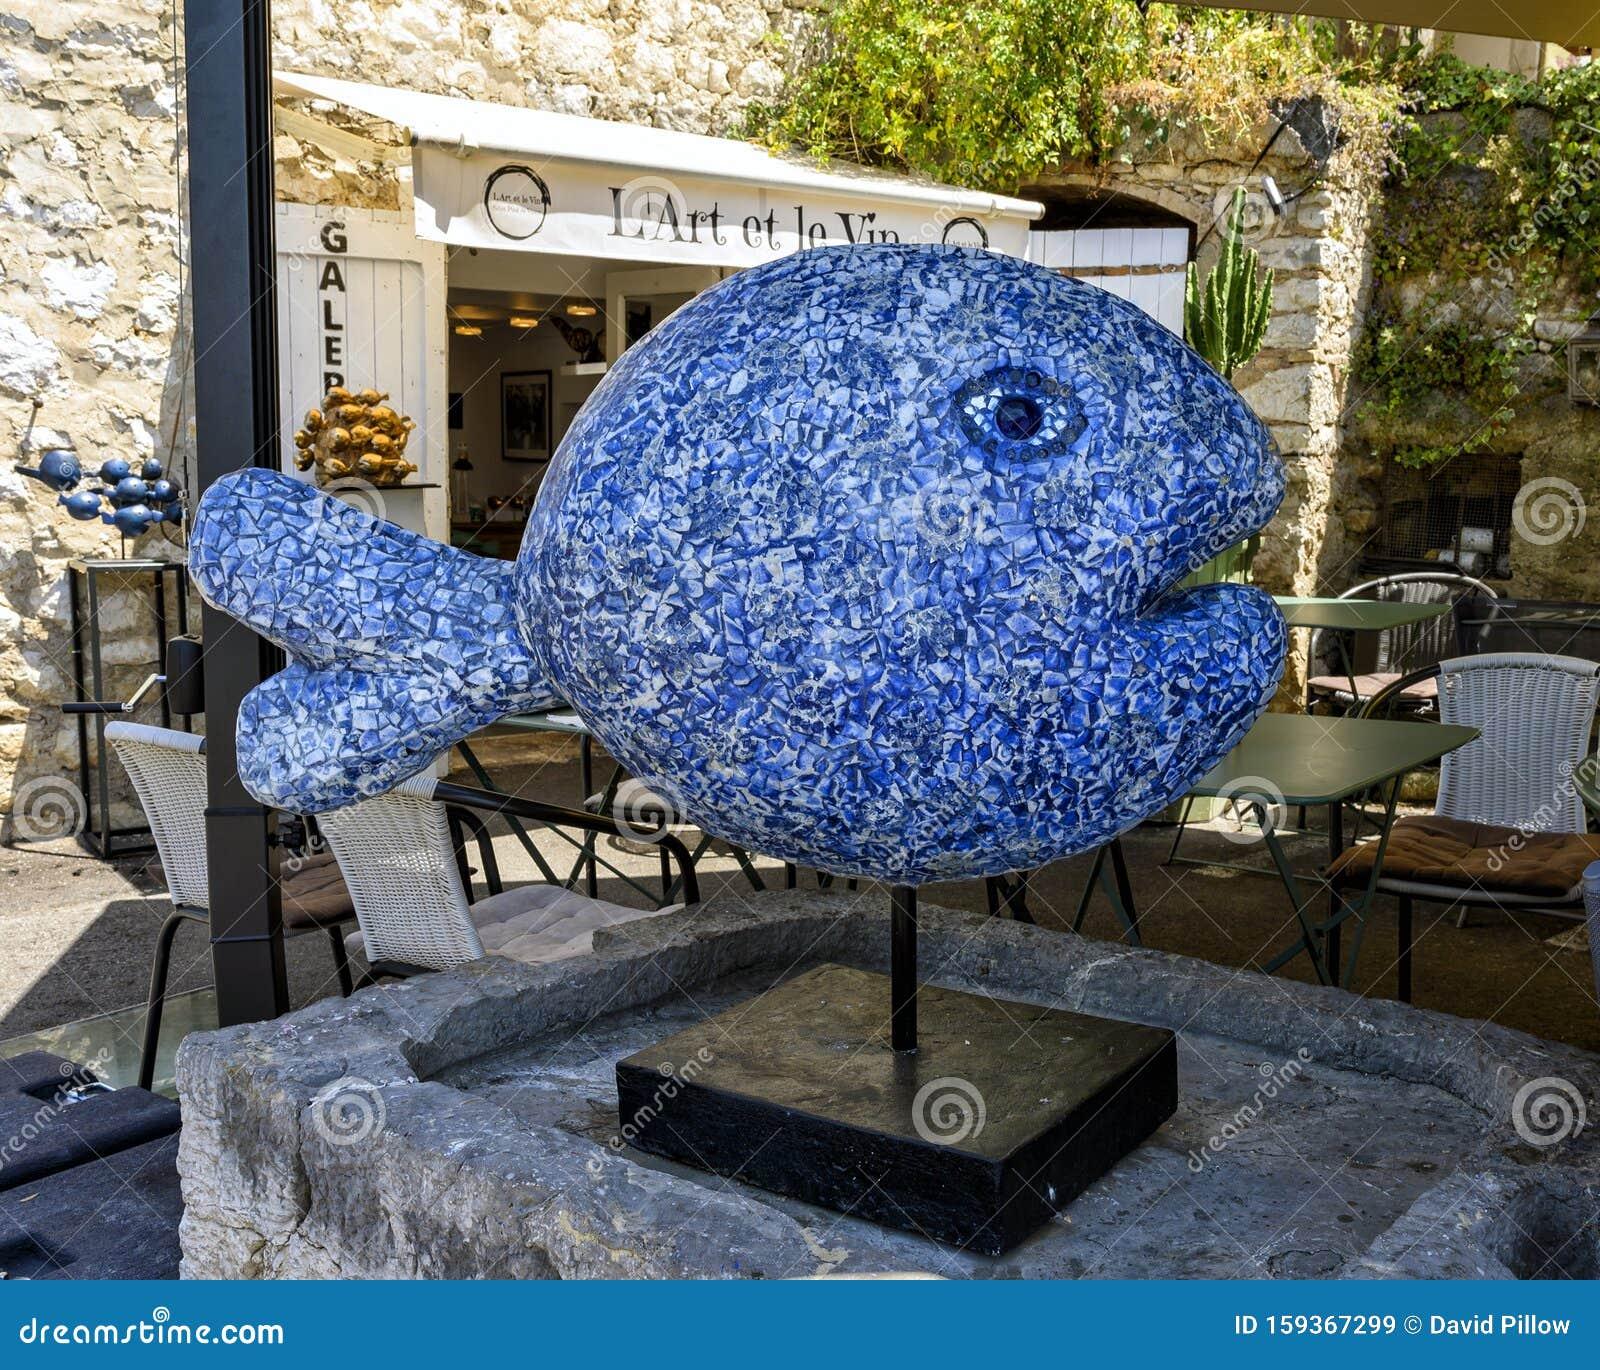 Saint Paul De Vence Art blue fish mosaic sculptureunidentified artist on display